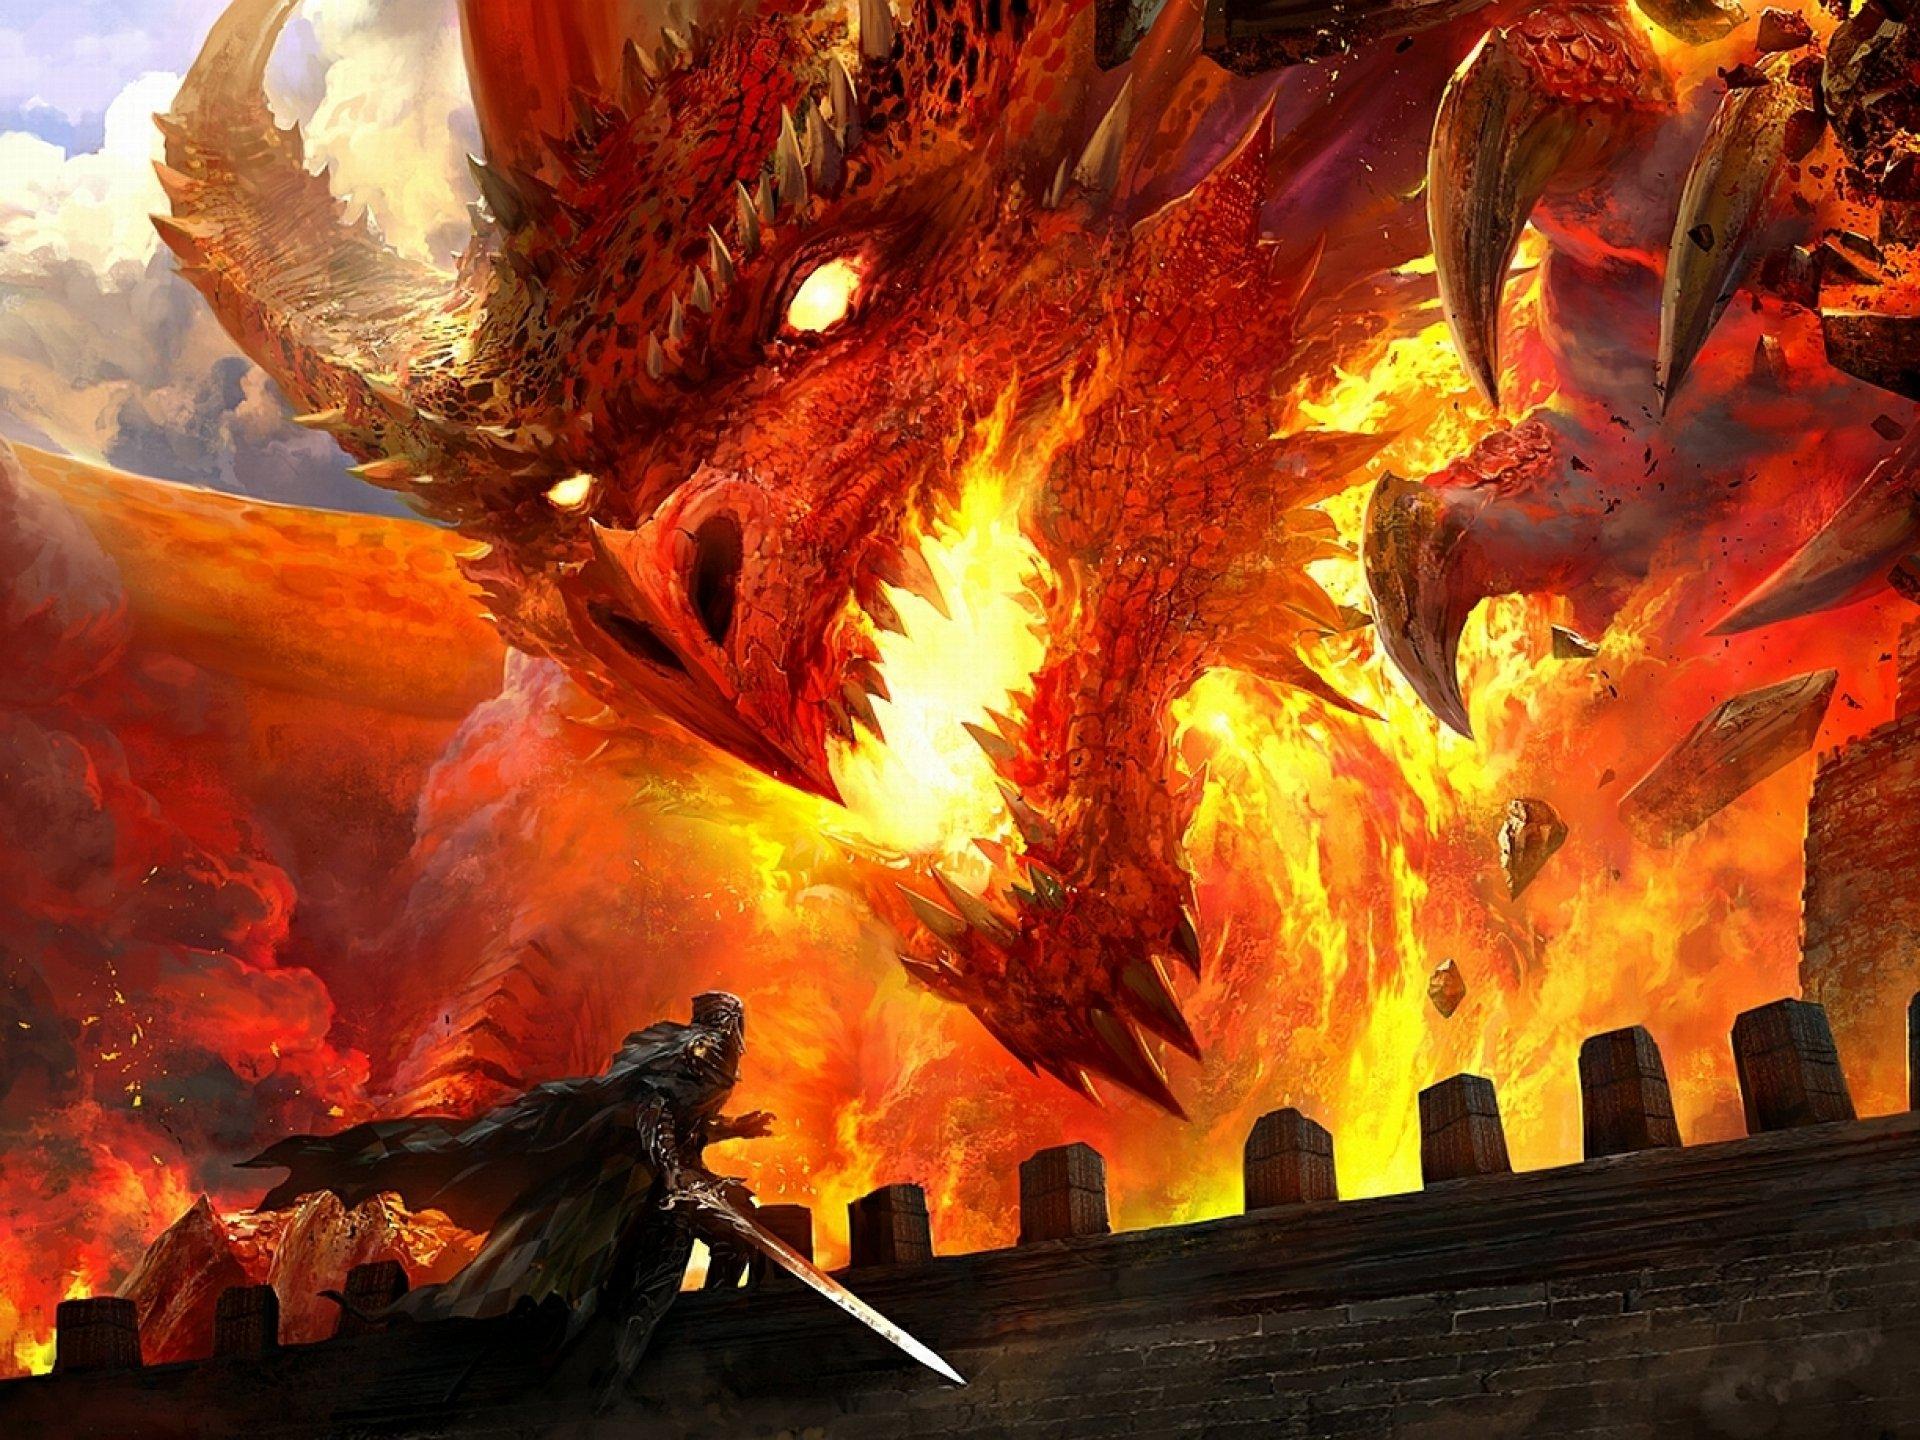 драконы в огне картинки манеж выкатывают две